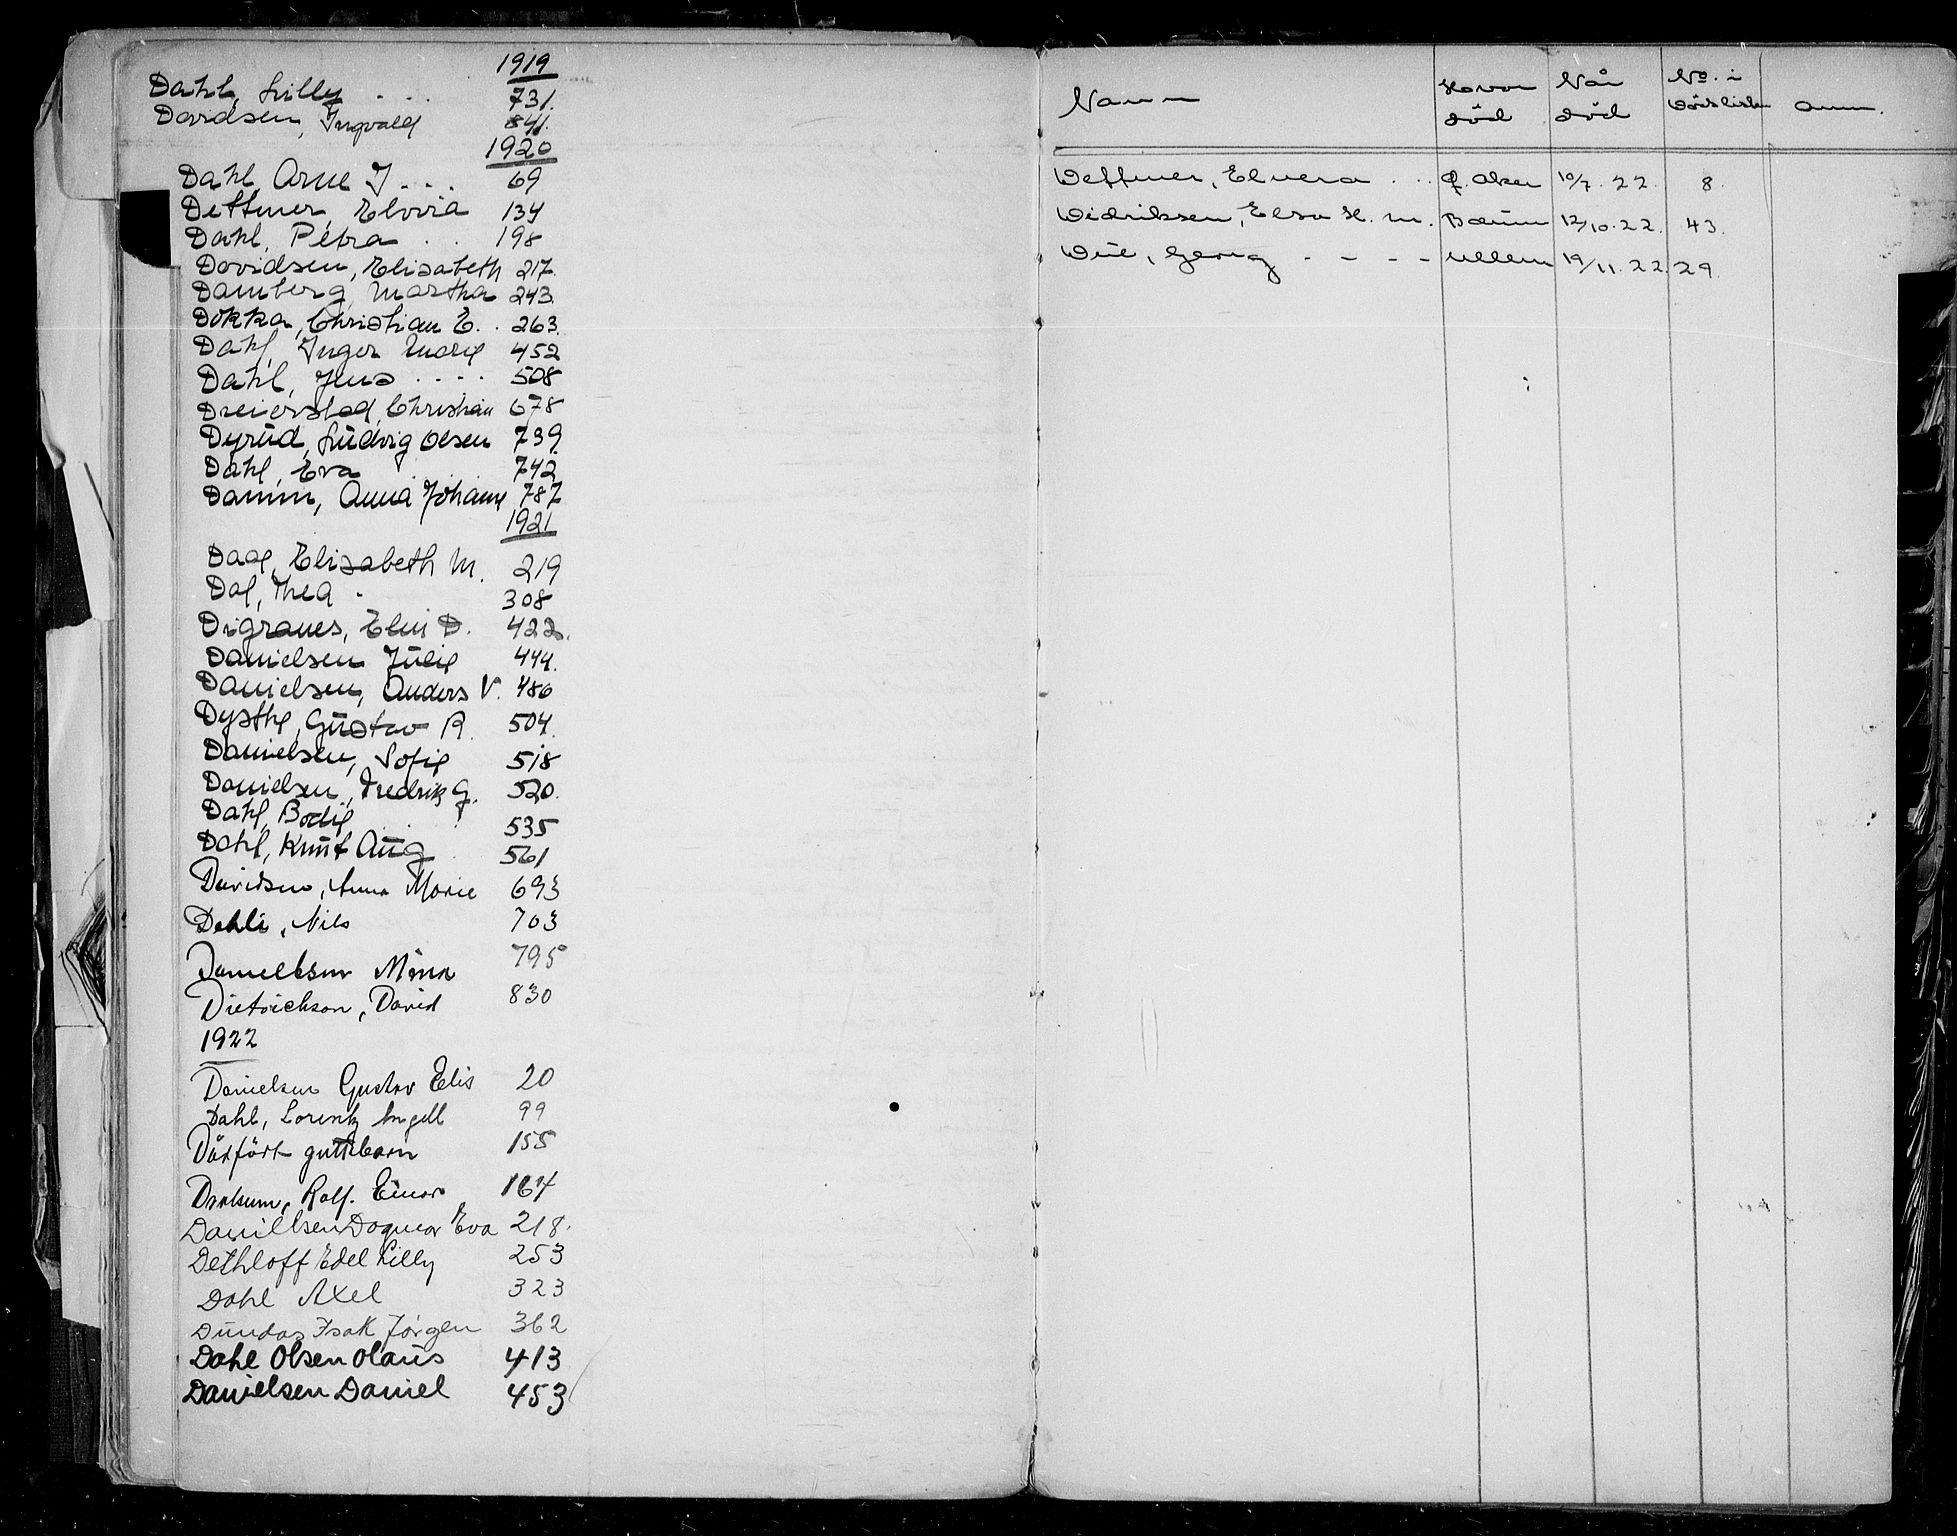 SAO, Aker kriminaldommer, skifte- og auksjonsforvalterembete, H/Ha/Haa/L0001: Register til dødsfallsprotokoll, 1911-1922